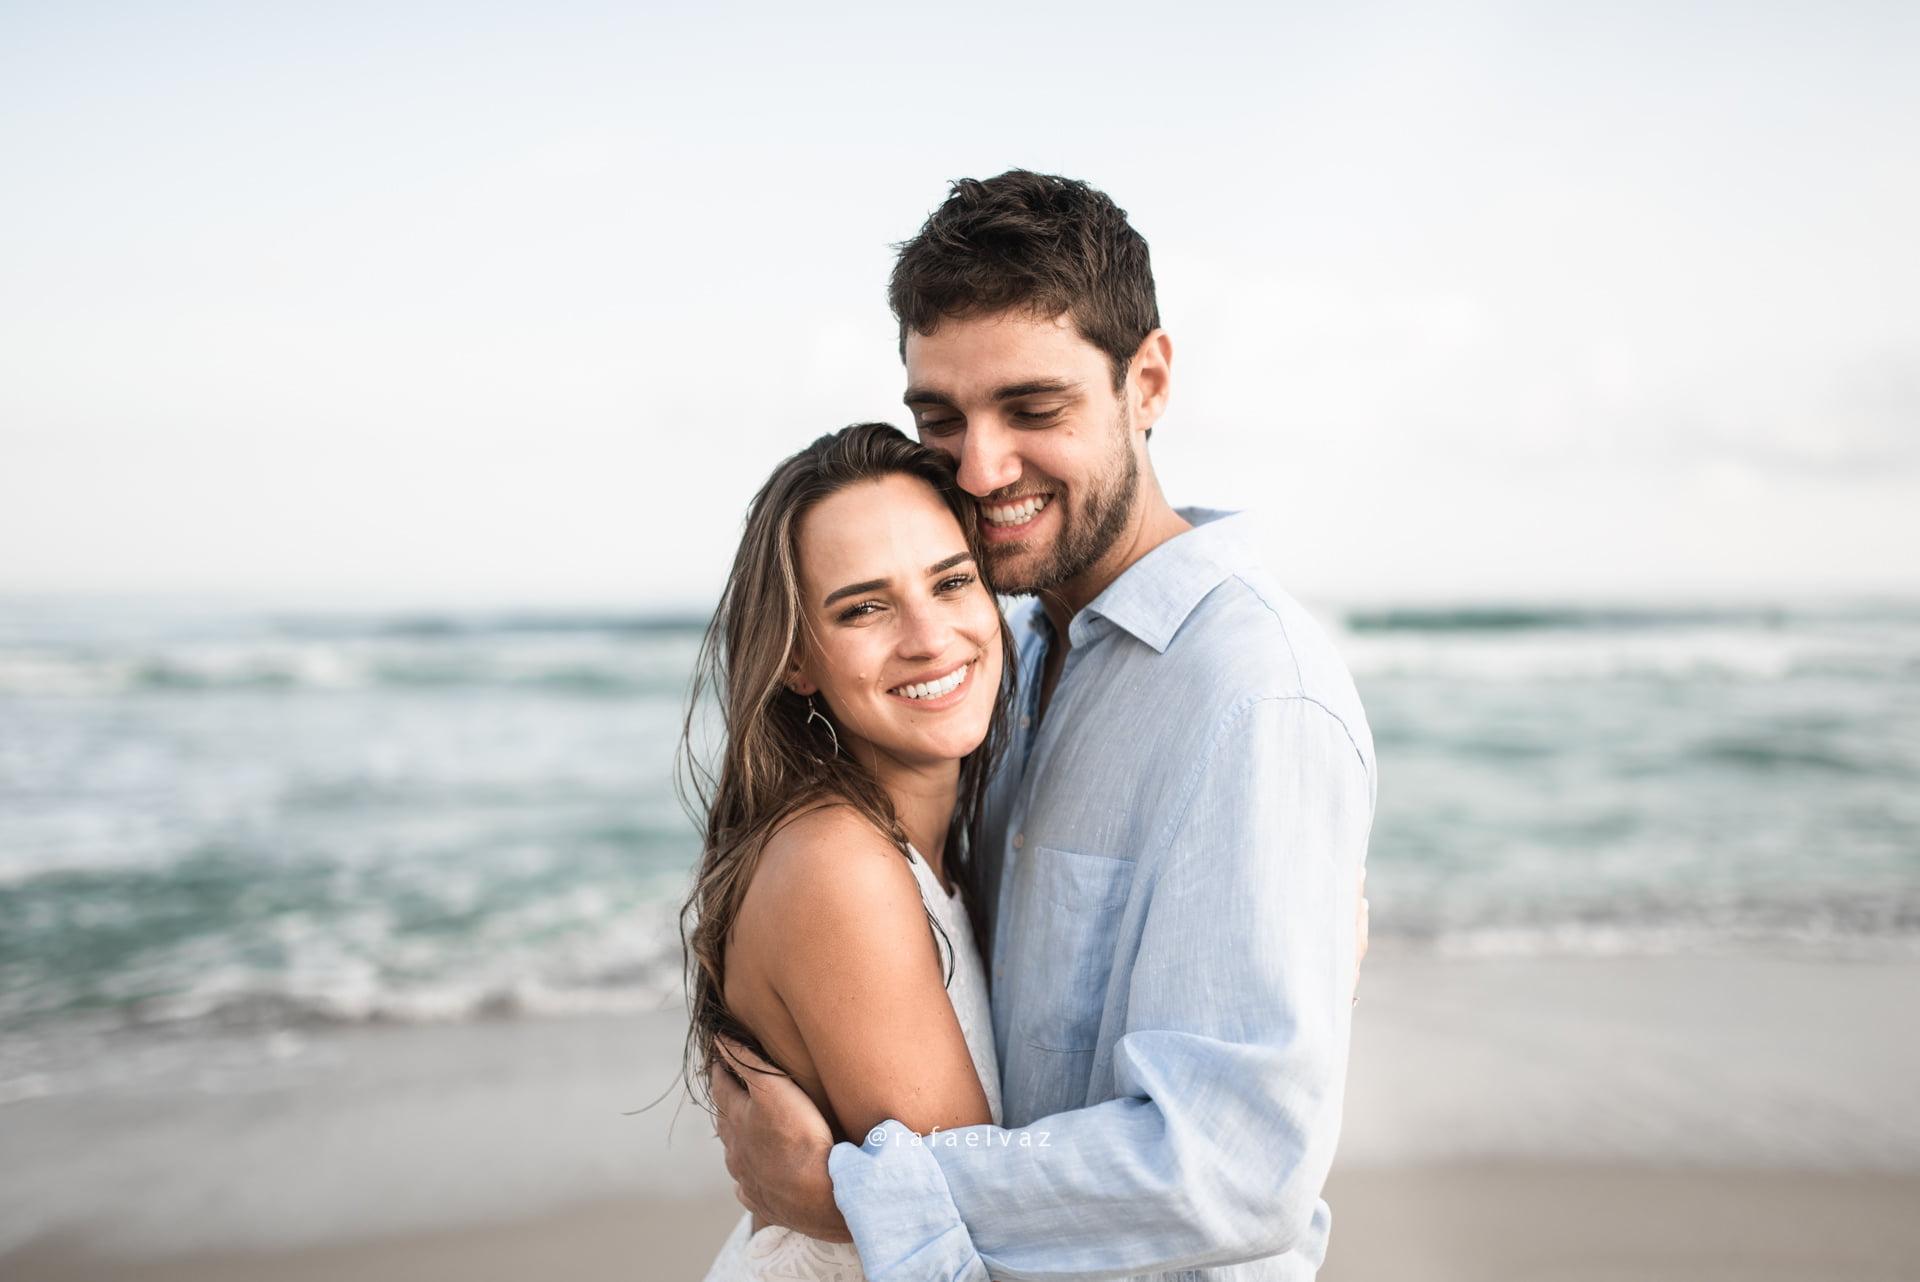 Casamento no Luai Cabanas, casamenta na praia, pé na areia, casamento em maresias, casar na praia, casar de dia, decoração de casamento na praia, casar em maresias, luai cabanas, fotos de casamento na praia